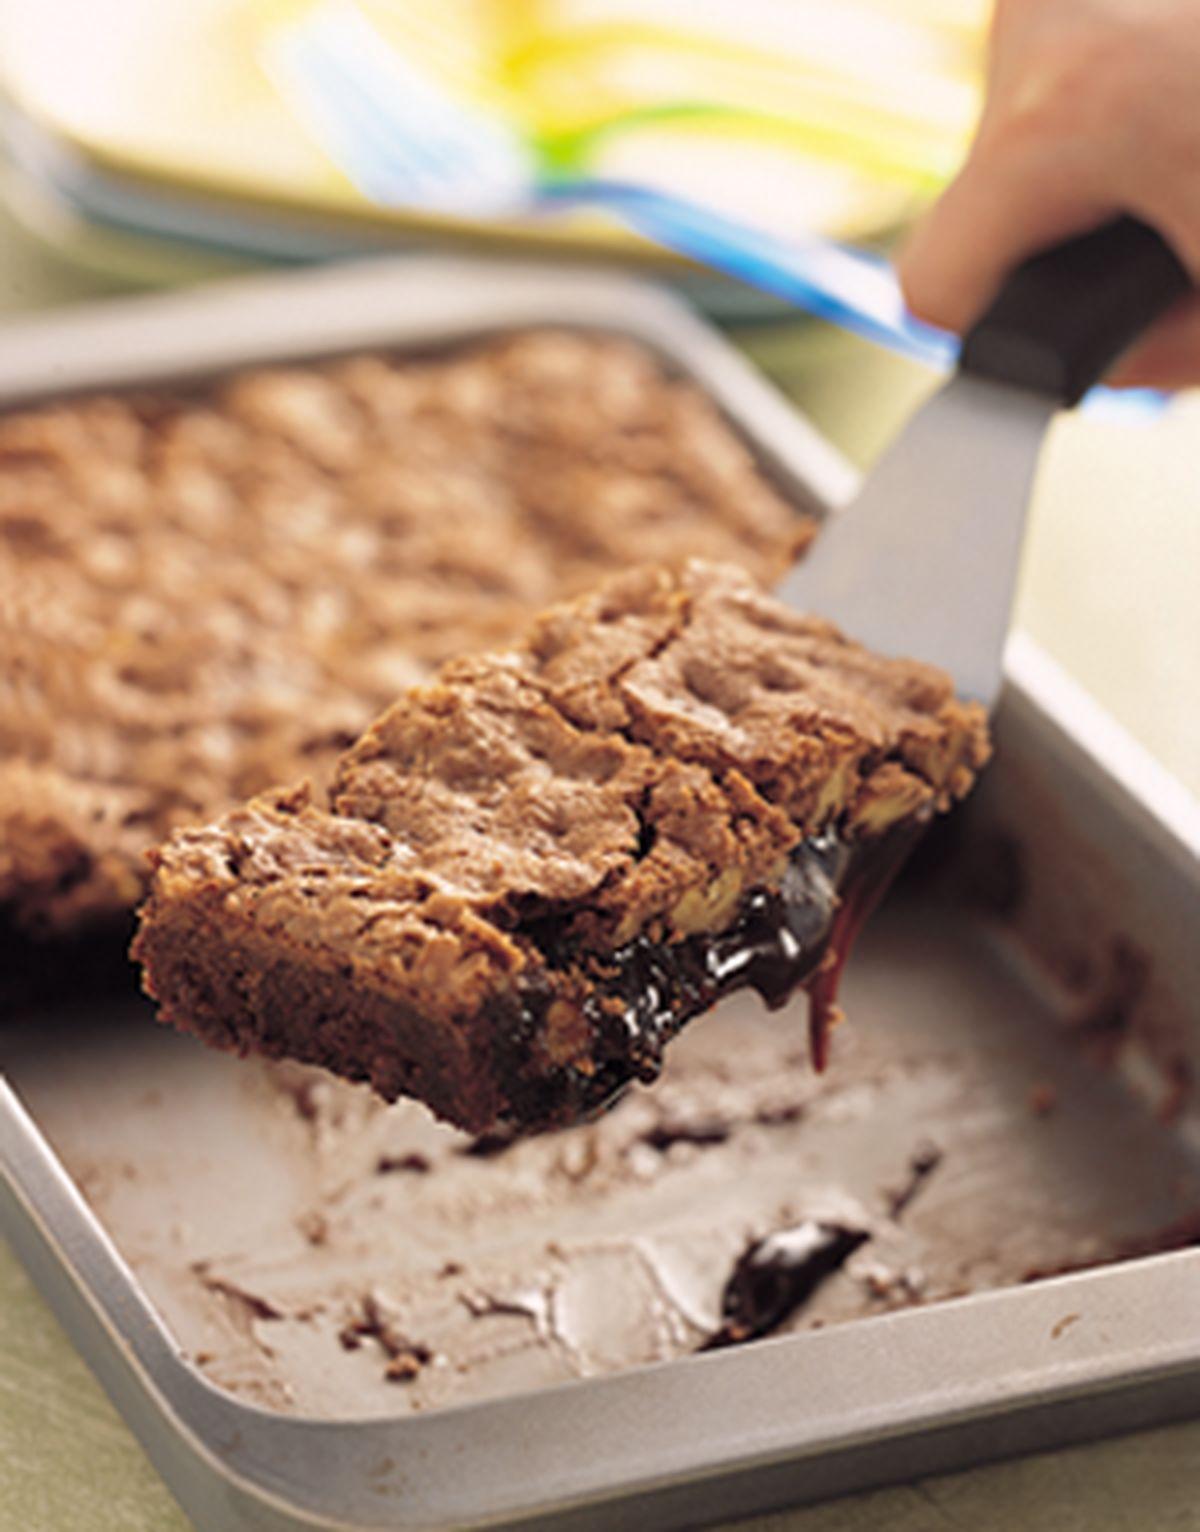 食譜:布朗尼鬆糕